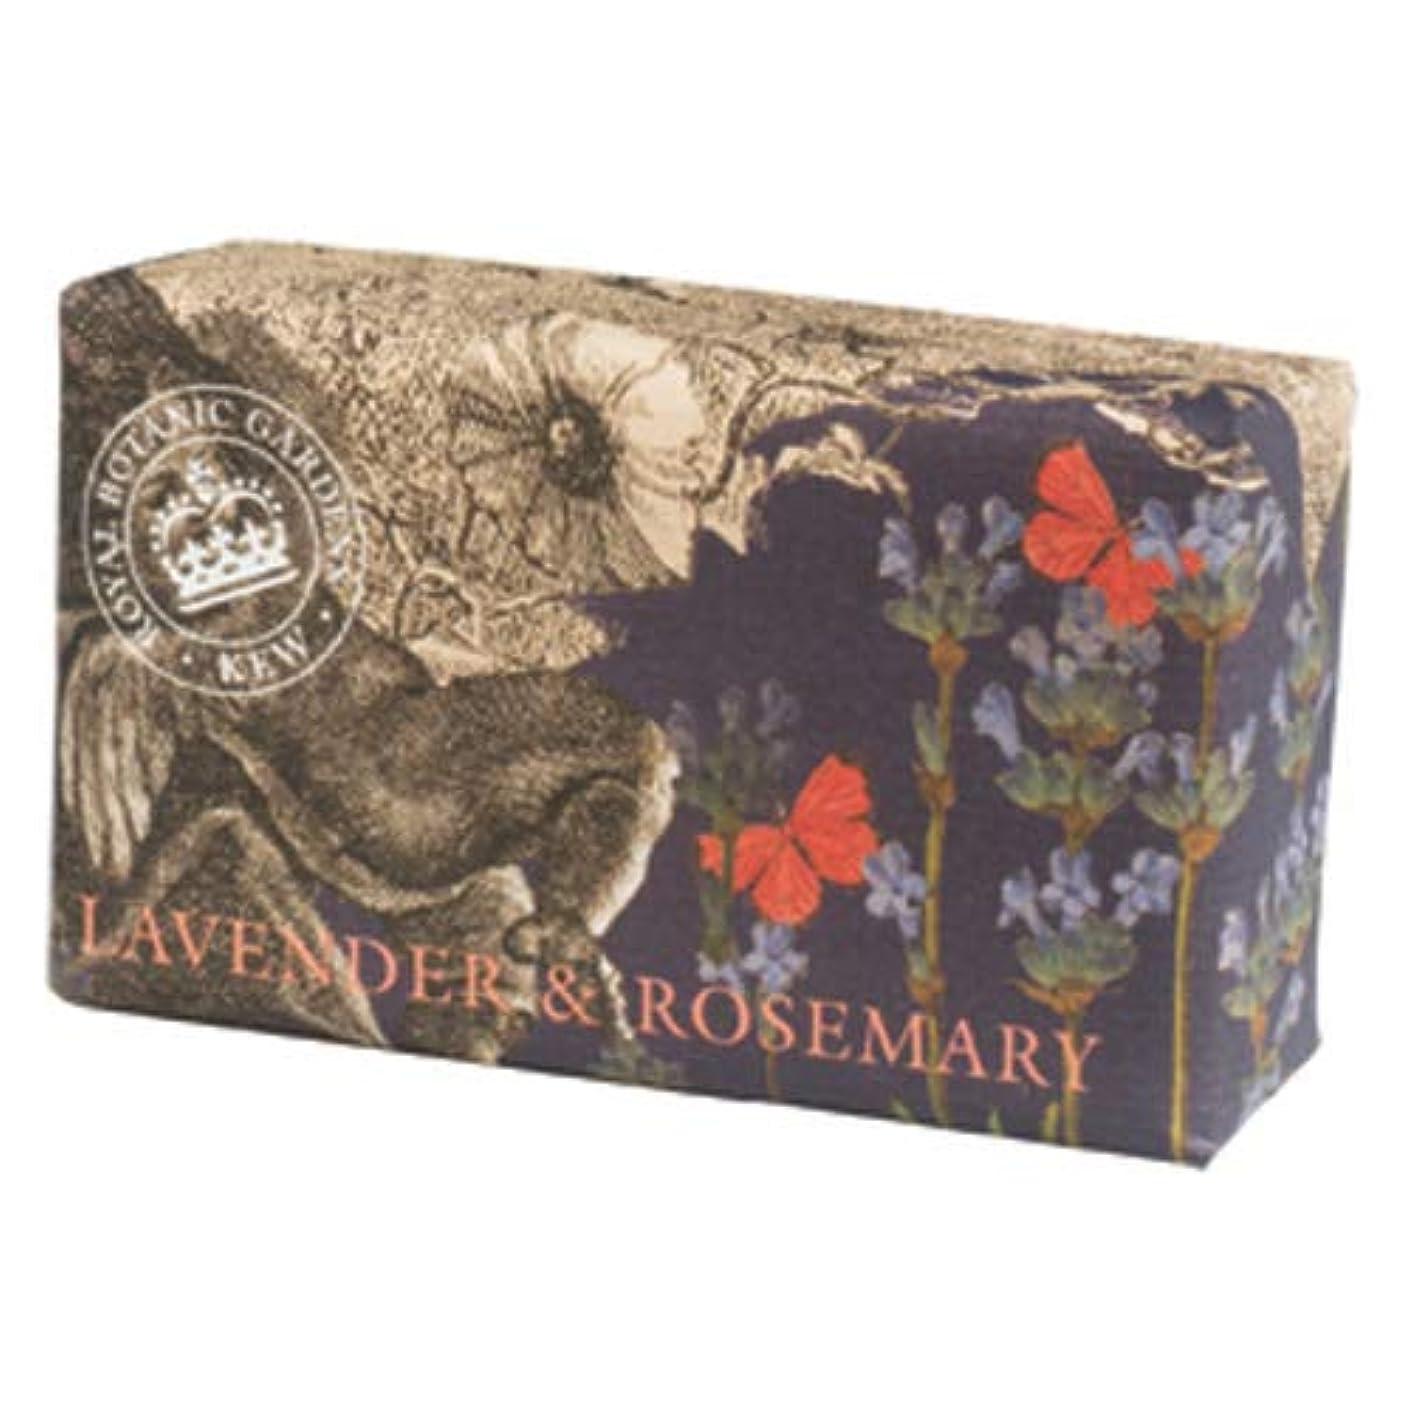 手書きシルク固執English Soap Company イングリッシュソープカンパニー KEW GARDEN キュー?ガーデン Luxury Shea Soaps シアソープ Lavender & Rosemary ラベンダー&ローズマリー